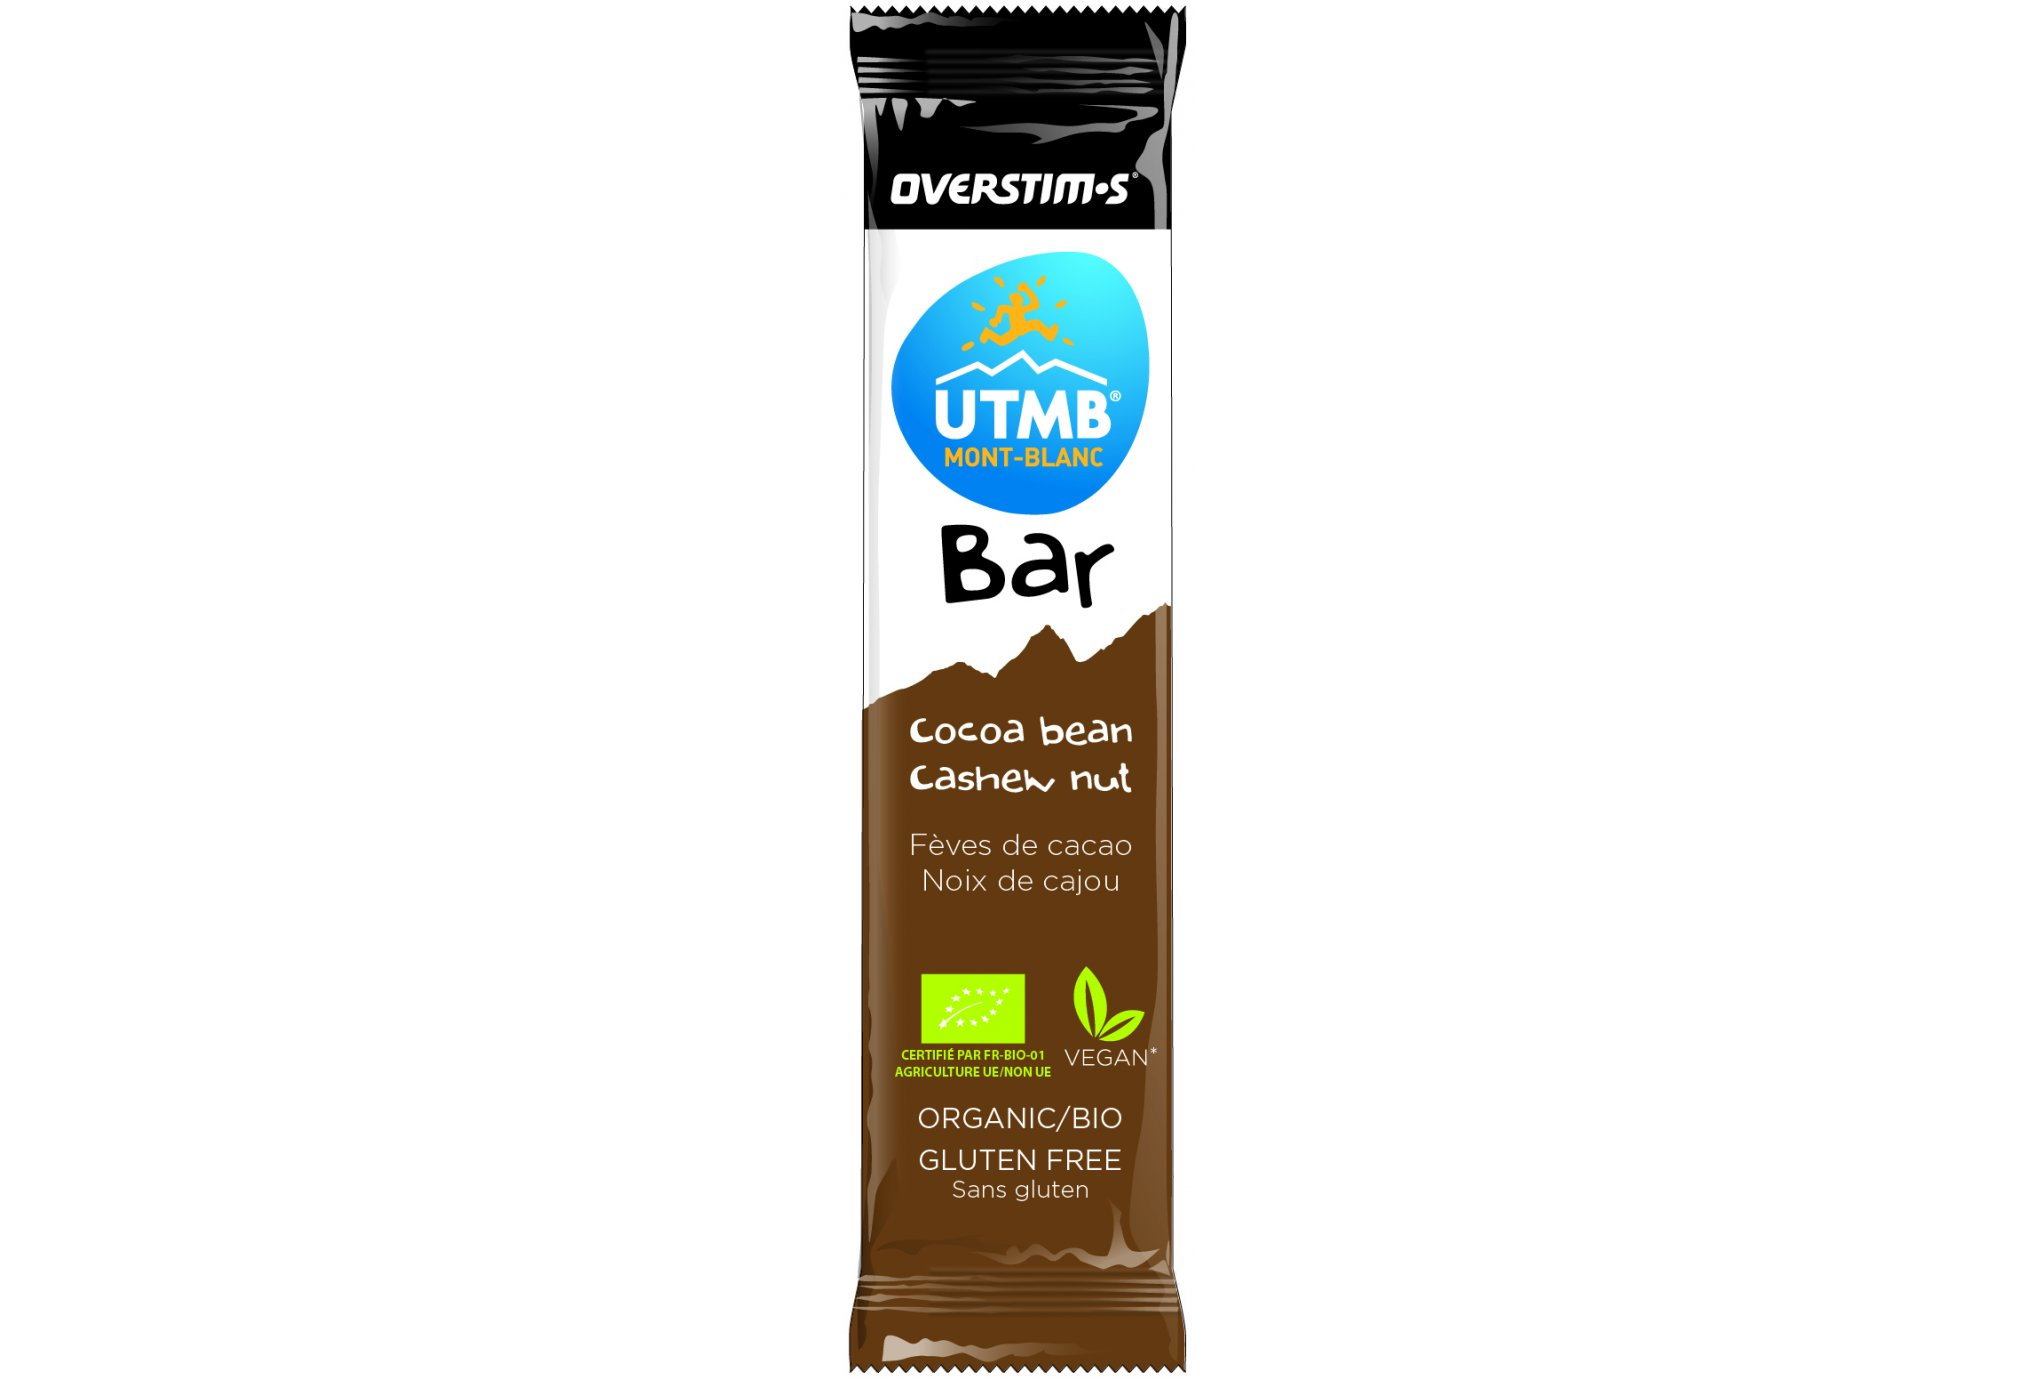 OVERSTIMS UTMB Bar-Granos de cacao/Anacardos Diététique Barres